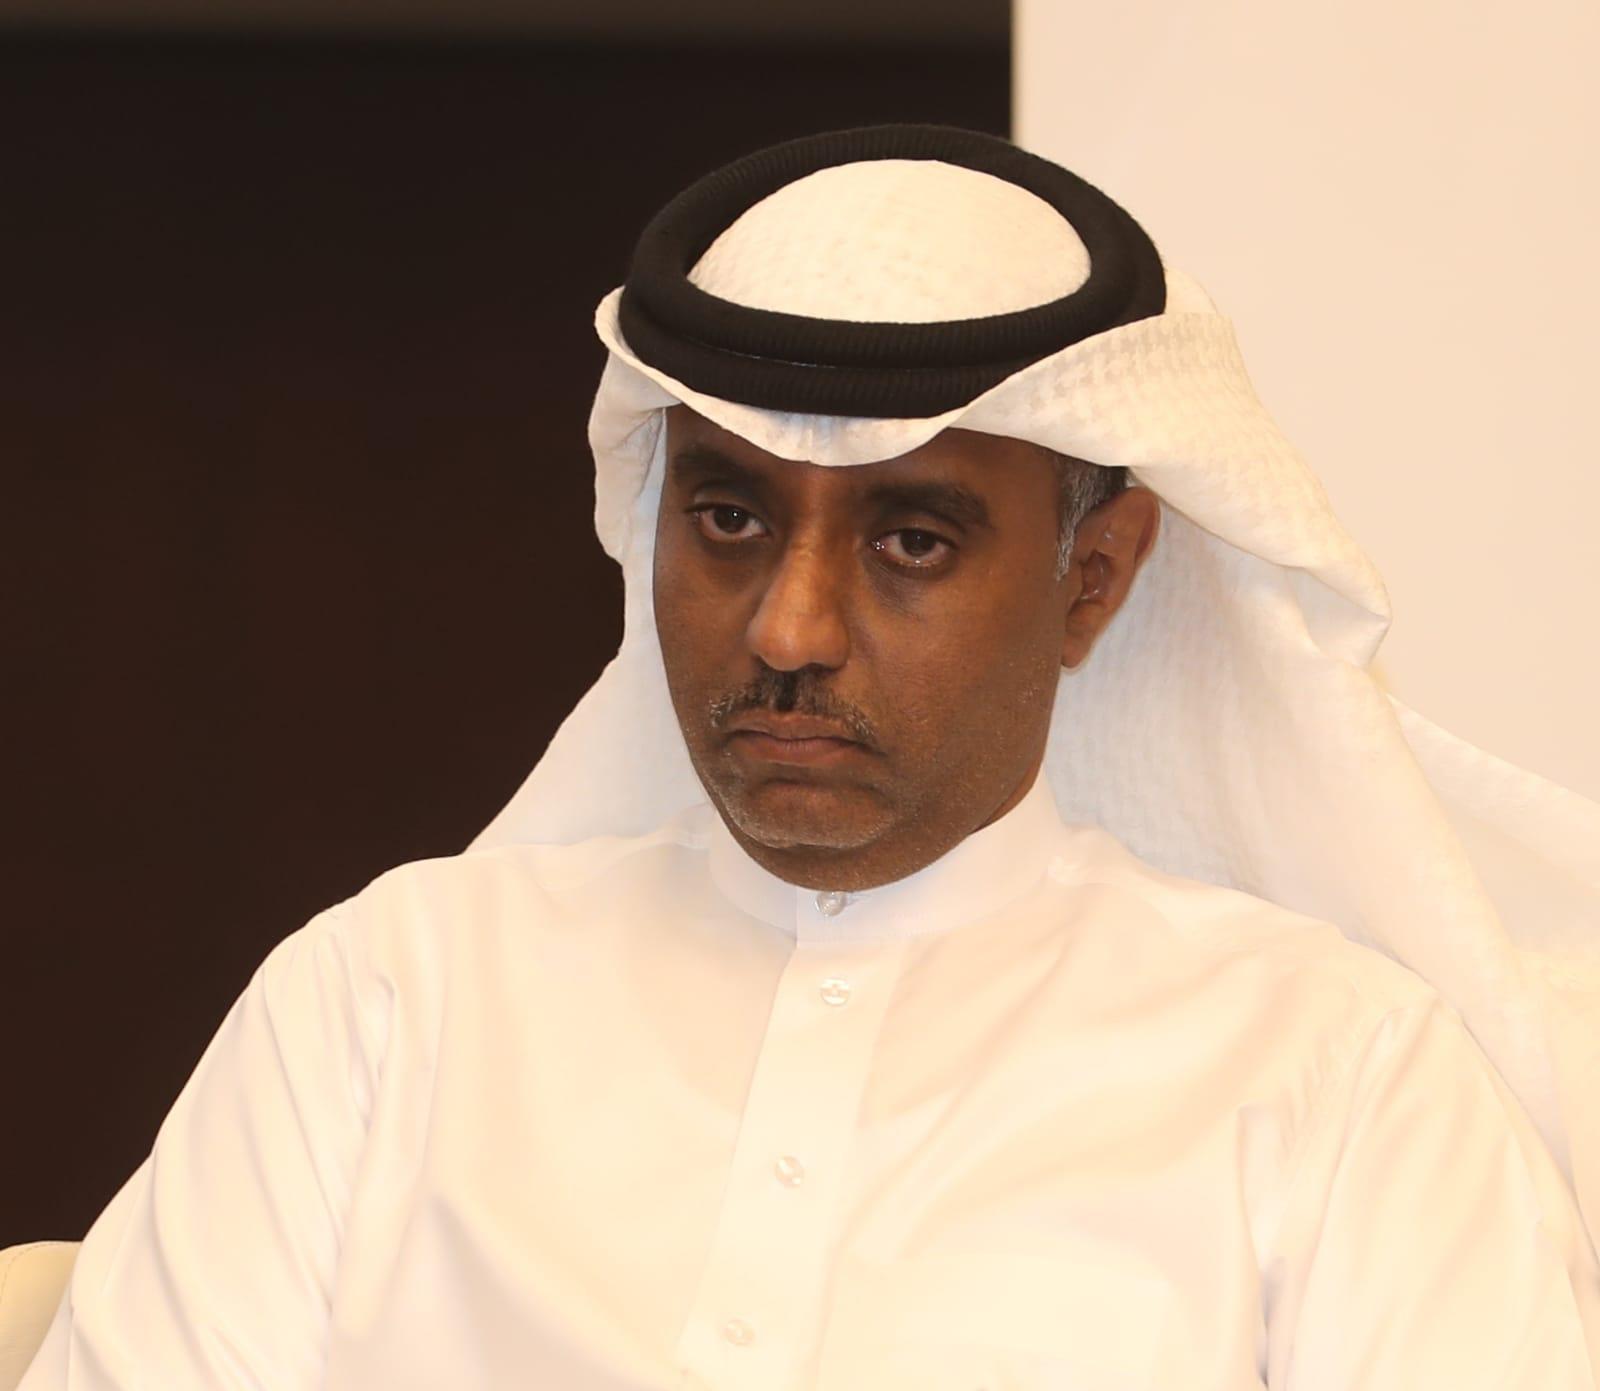 رئيس الاتحاد العربي لحقوق الإنسان المستشار عيسى العربي